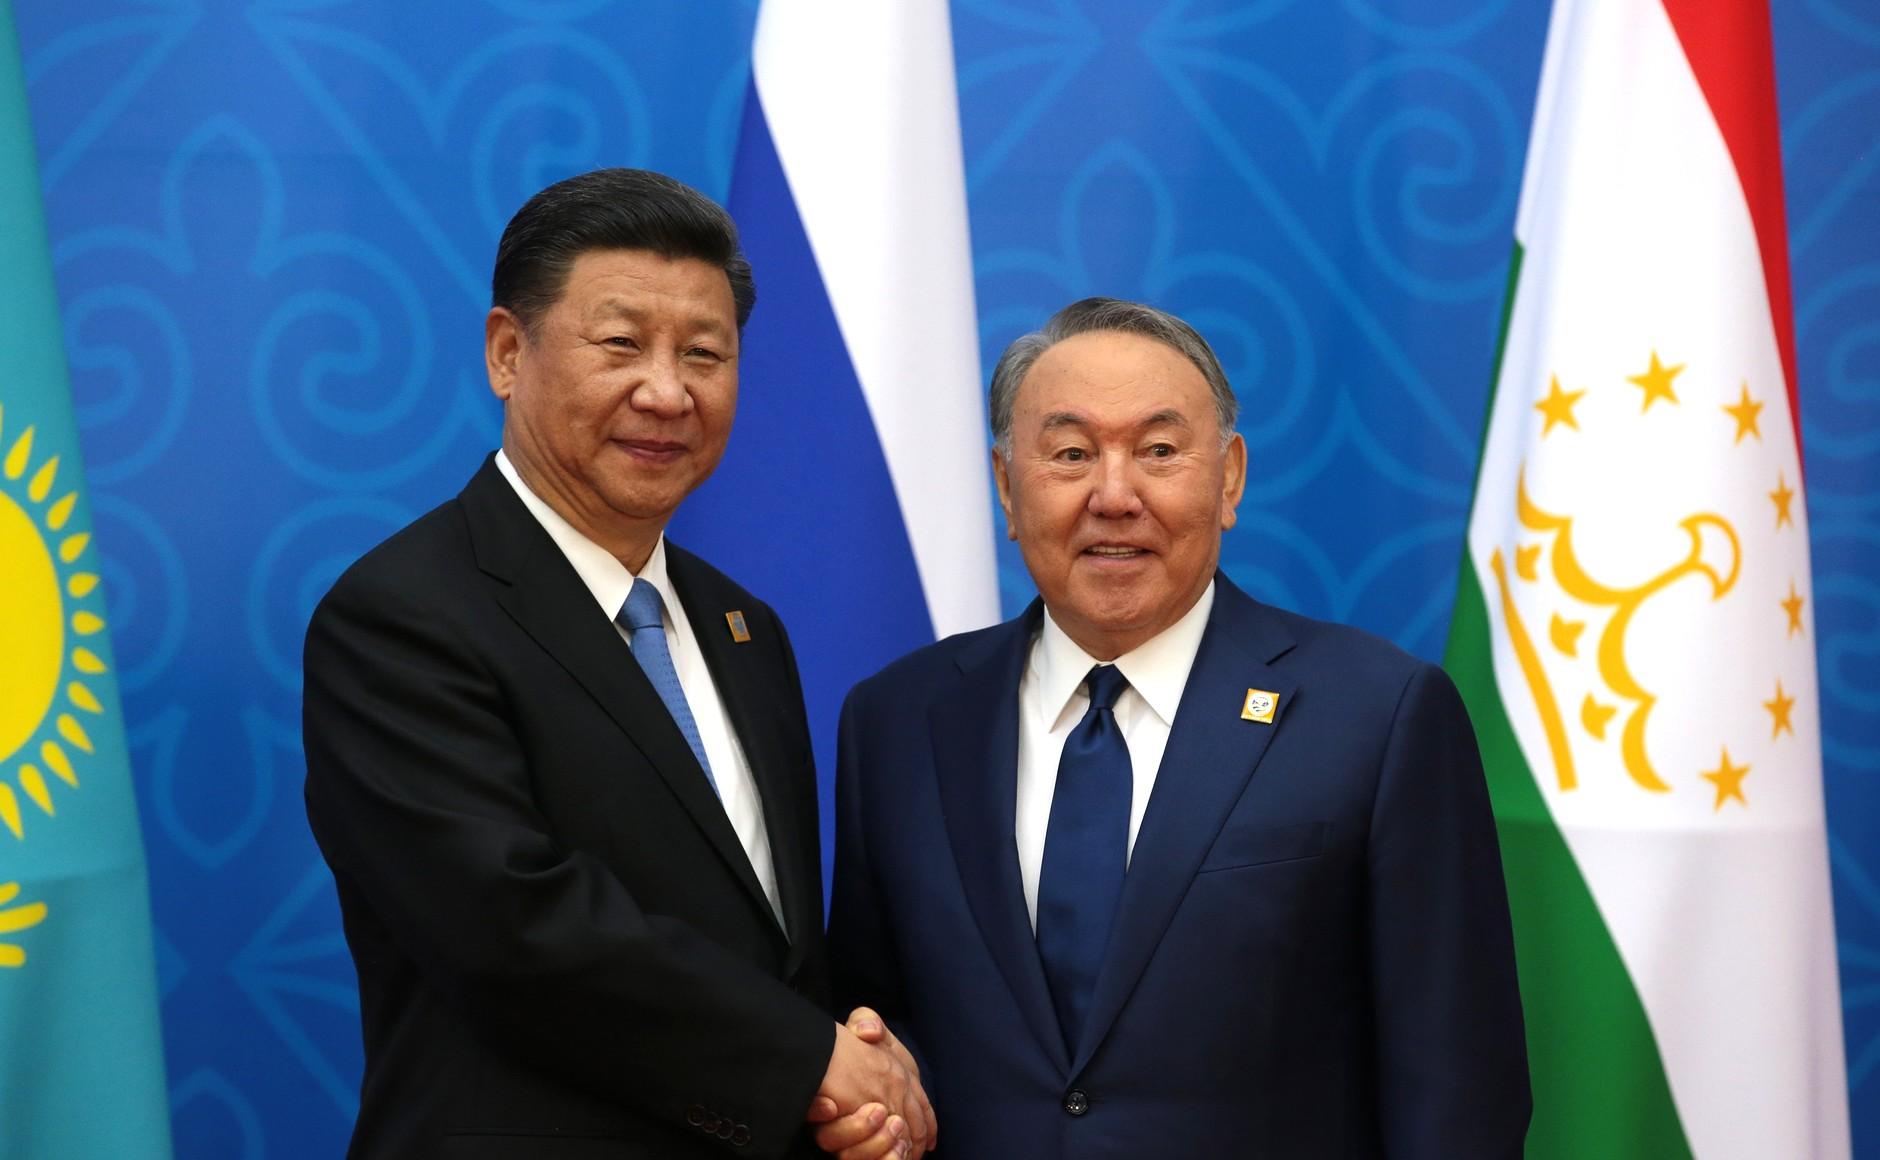 圖右邊為前總統納札爾巴耶夫(Nursultan Nazarbayev)(圖/俄羅斯總統辦公室)